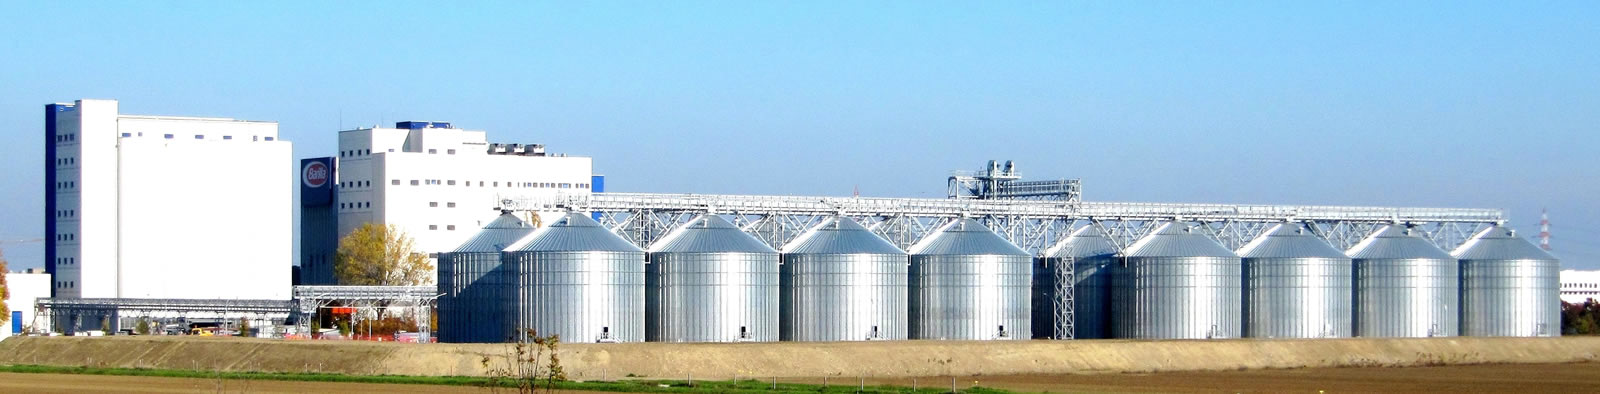 Barilla nuovi silos in Pedrignano PR